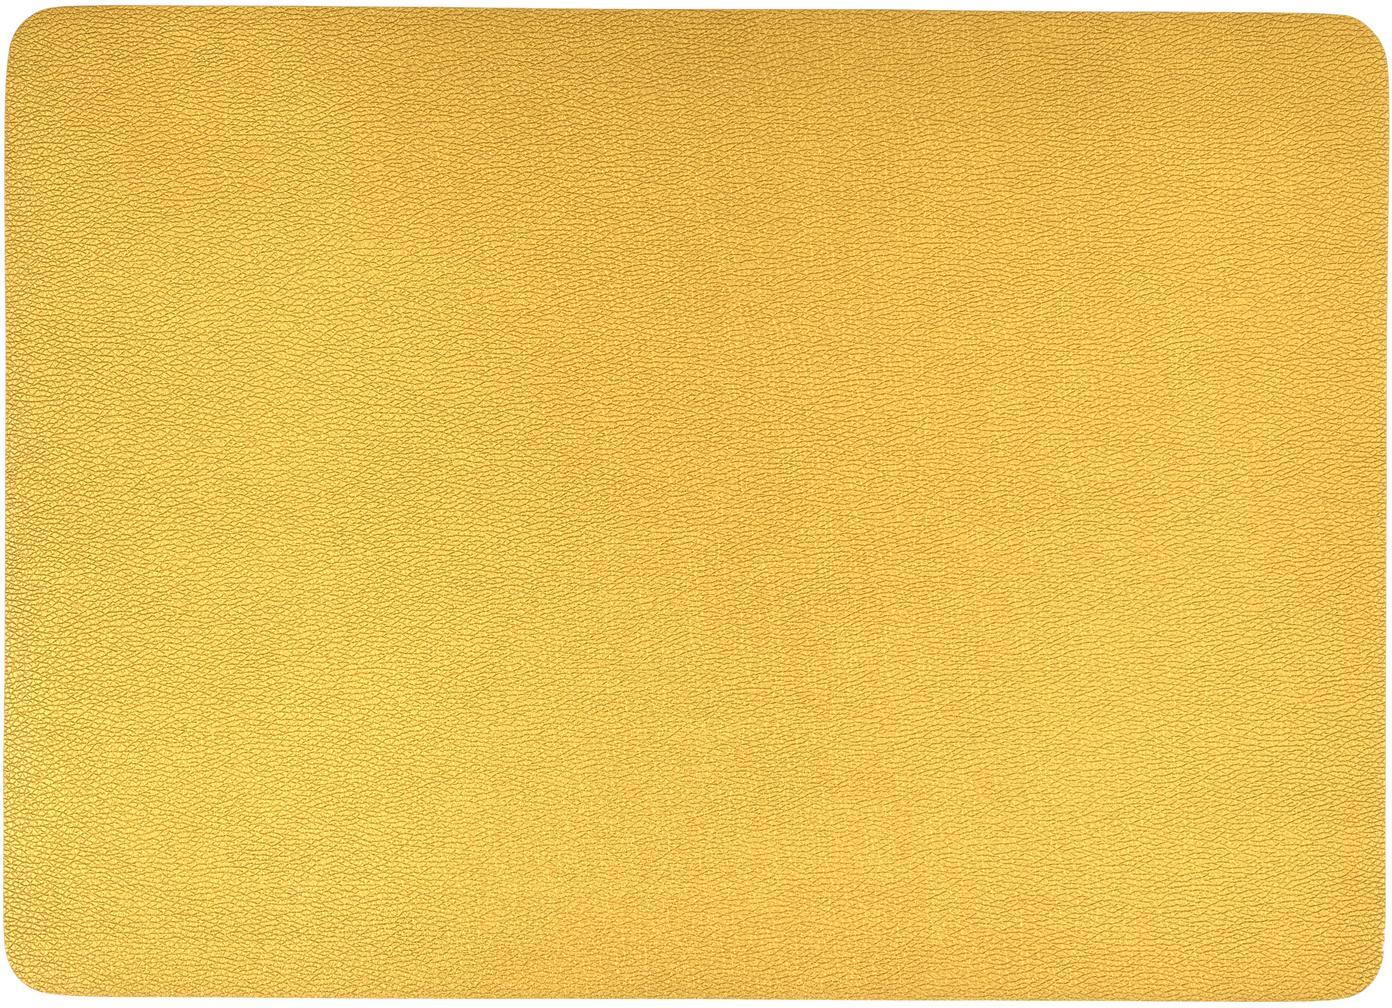 Kunstleder-Tischsets Pik, 2 Stück, Kunstleder (PVC), Goldfarben, 33 x 46 cm